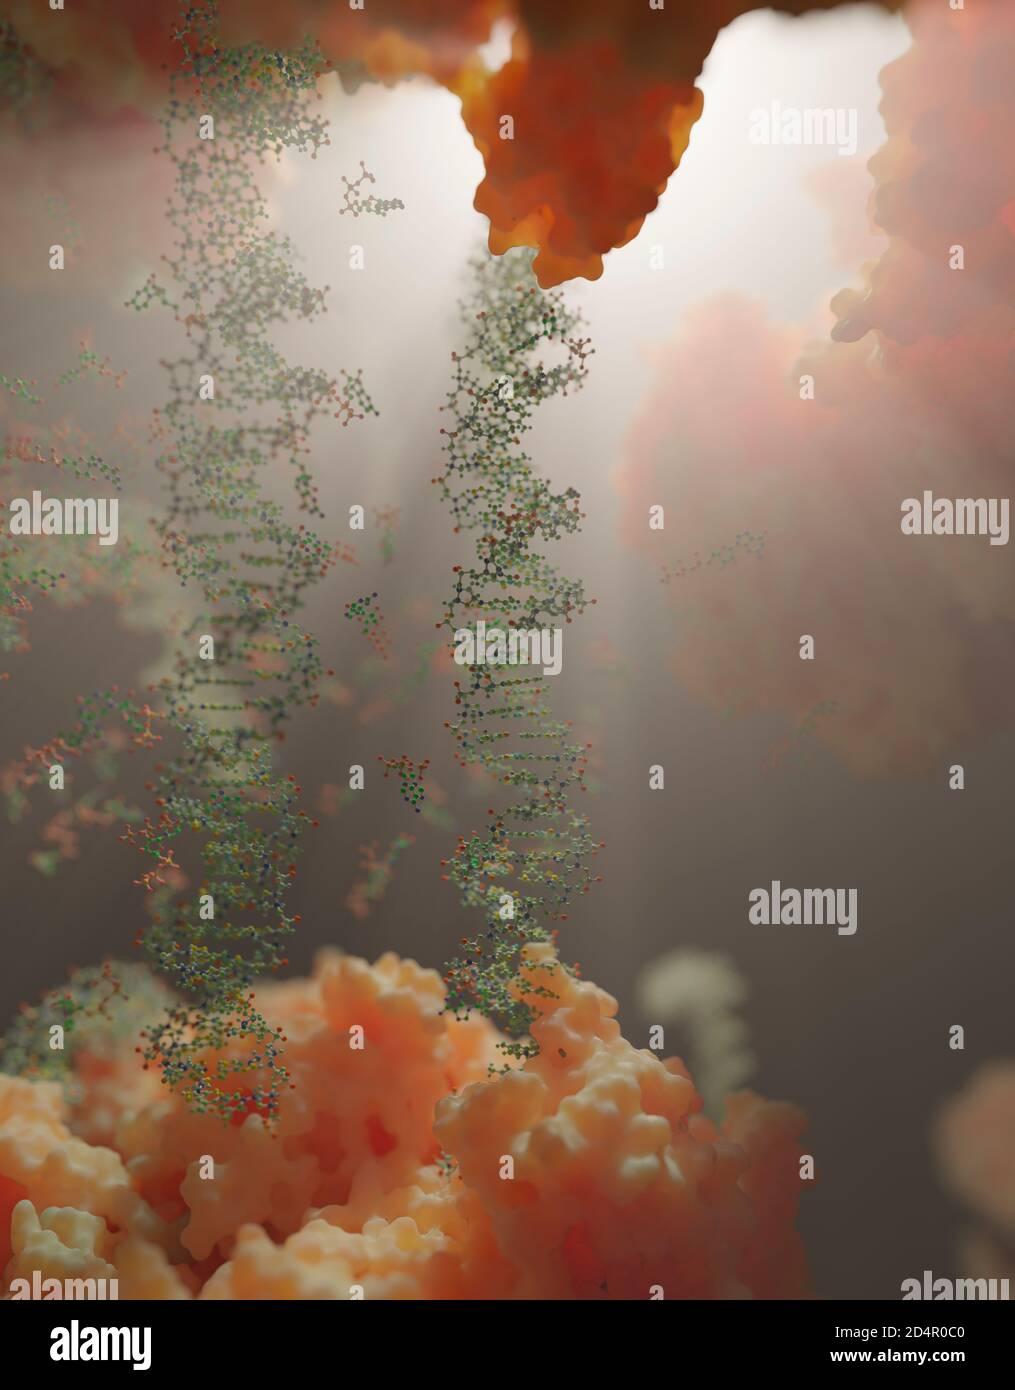 Le monde à l'intérieur d'une cellule humaine. Des chaînes d'ADN, des nucléotides (formant des paires de bases dans l'ADN) et des protéines à l'intérieur du noyau d'une cellule eucaryote. Banque D'Images